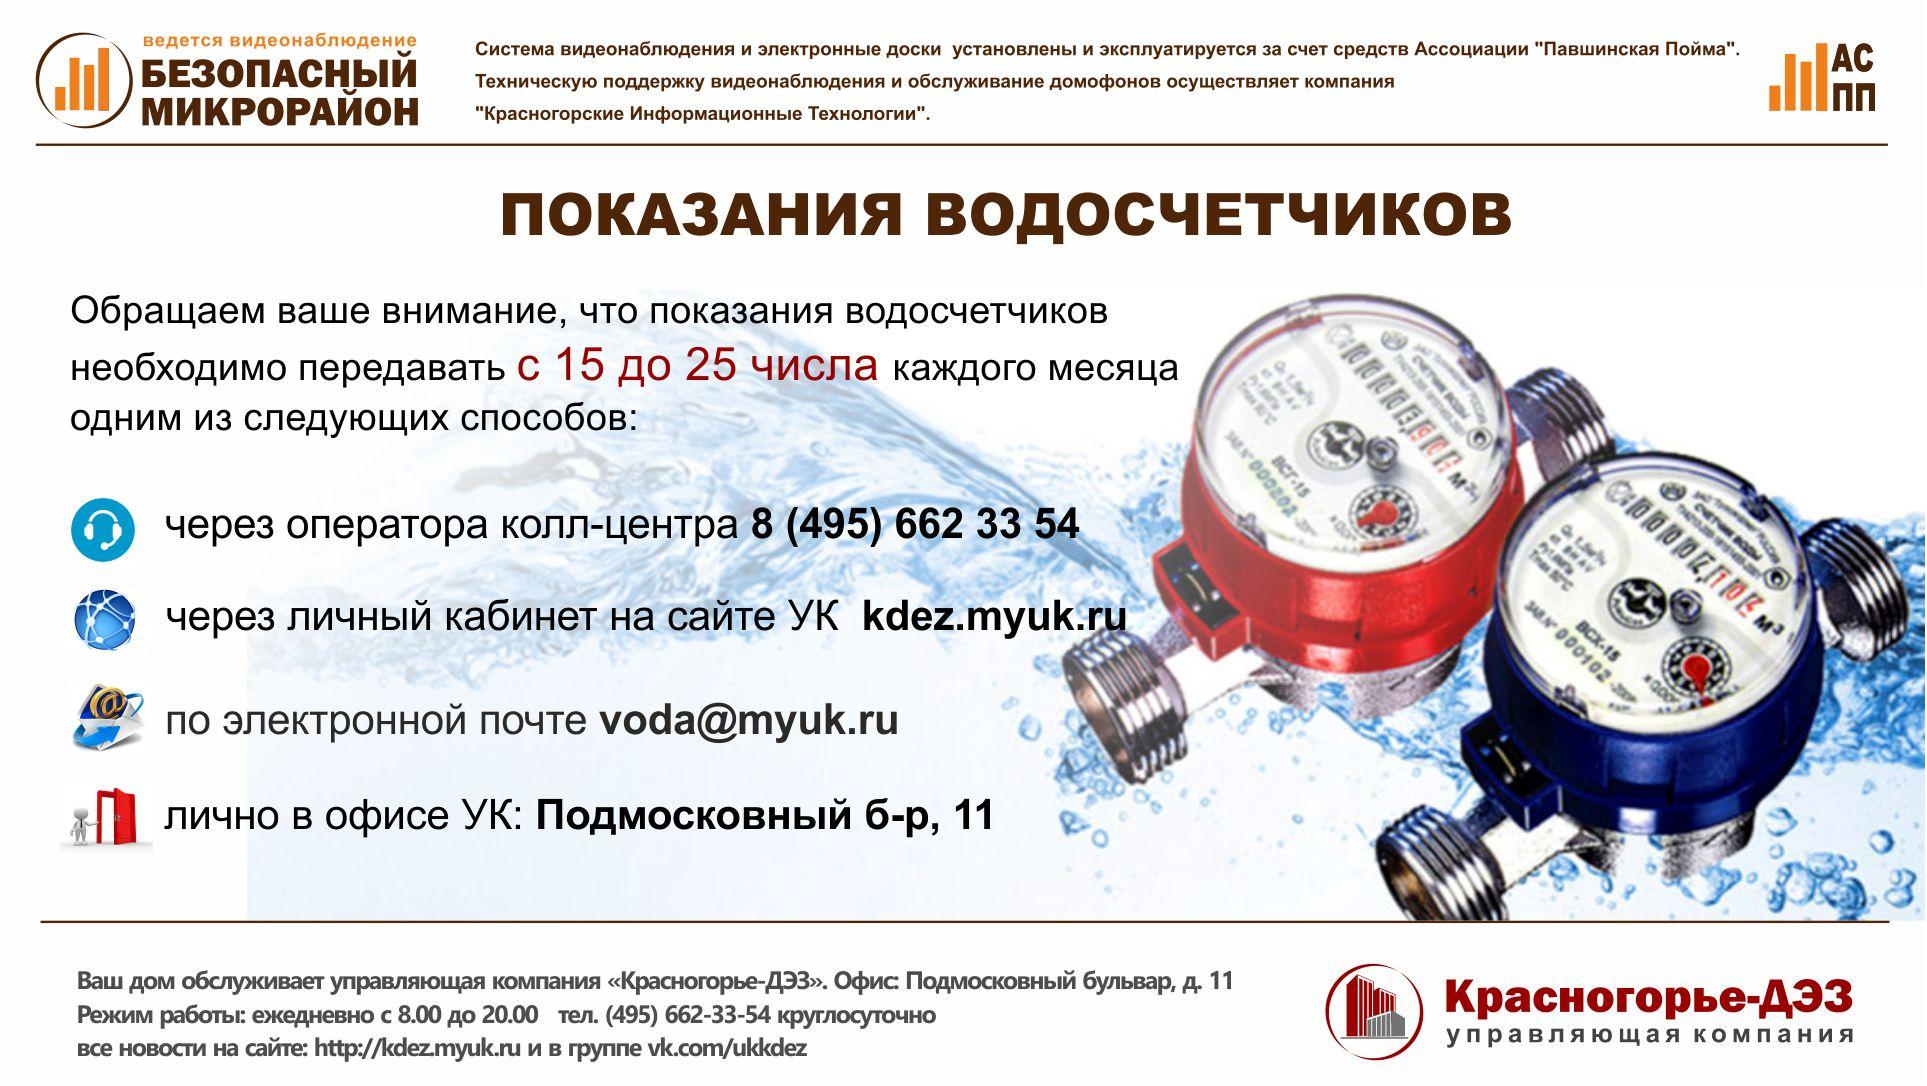 скс управляющая компания строгино контакты водосчетчики